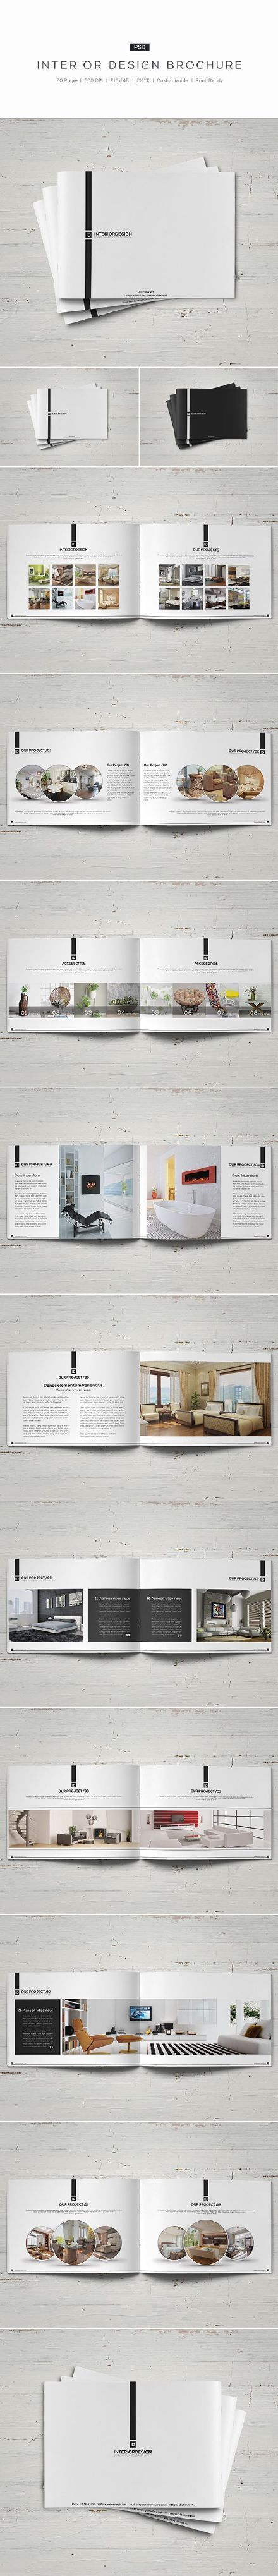 产品手册/画册 设计参考一组。